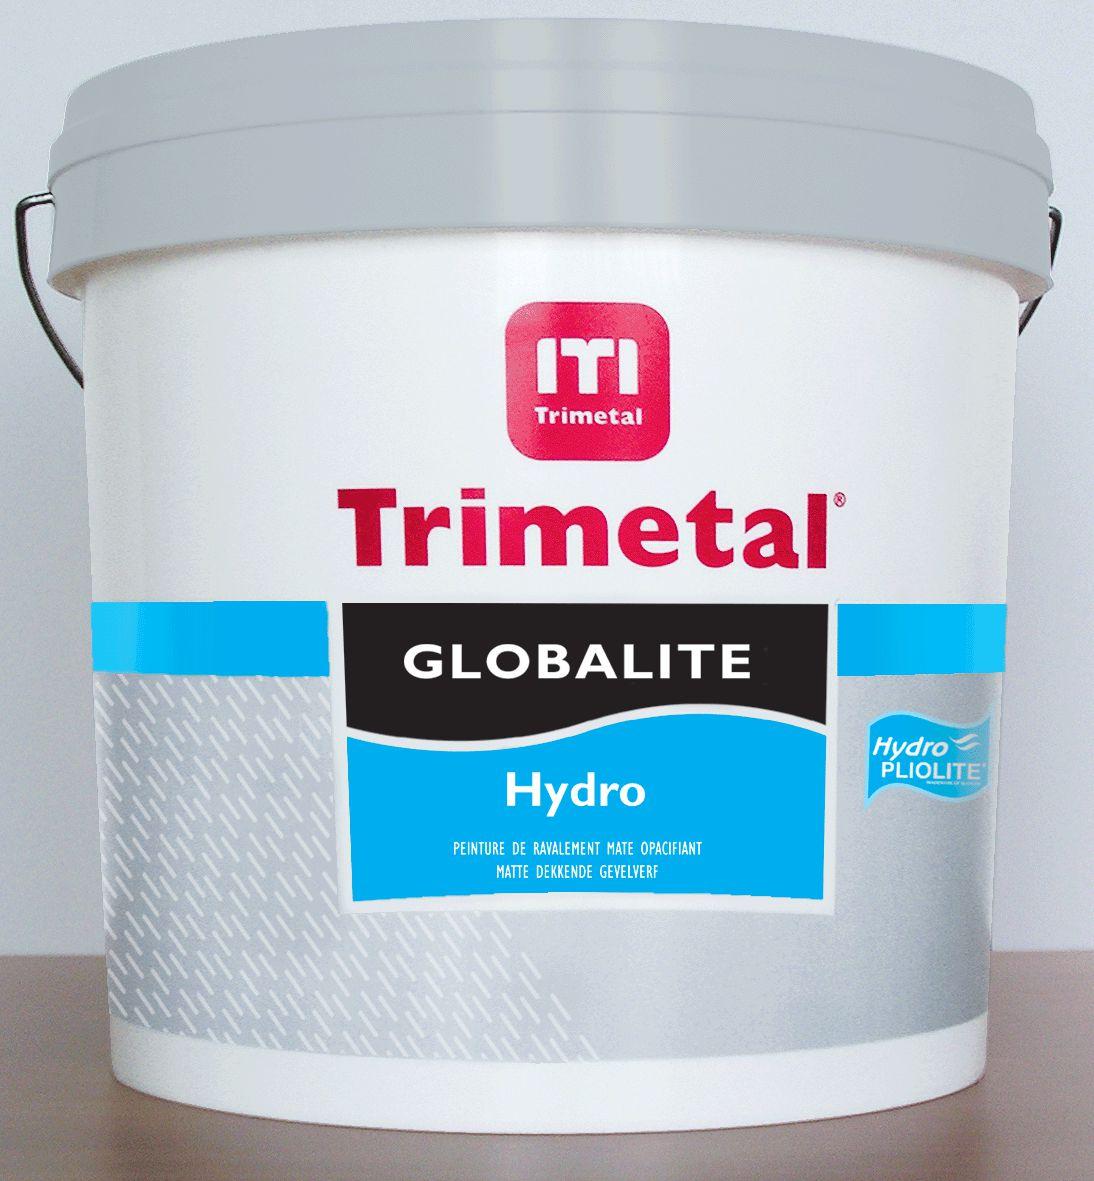 Trimetal Peinture Acrylique De Ravalement Globalite Hydro New